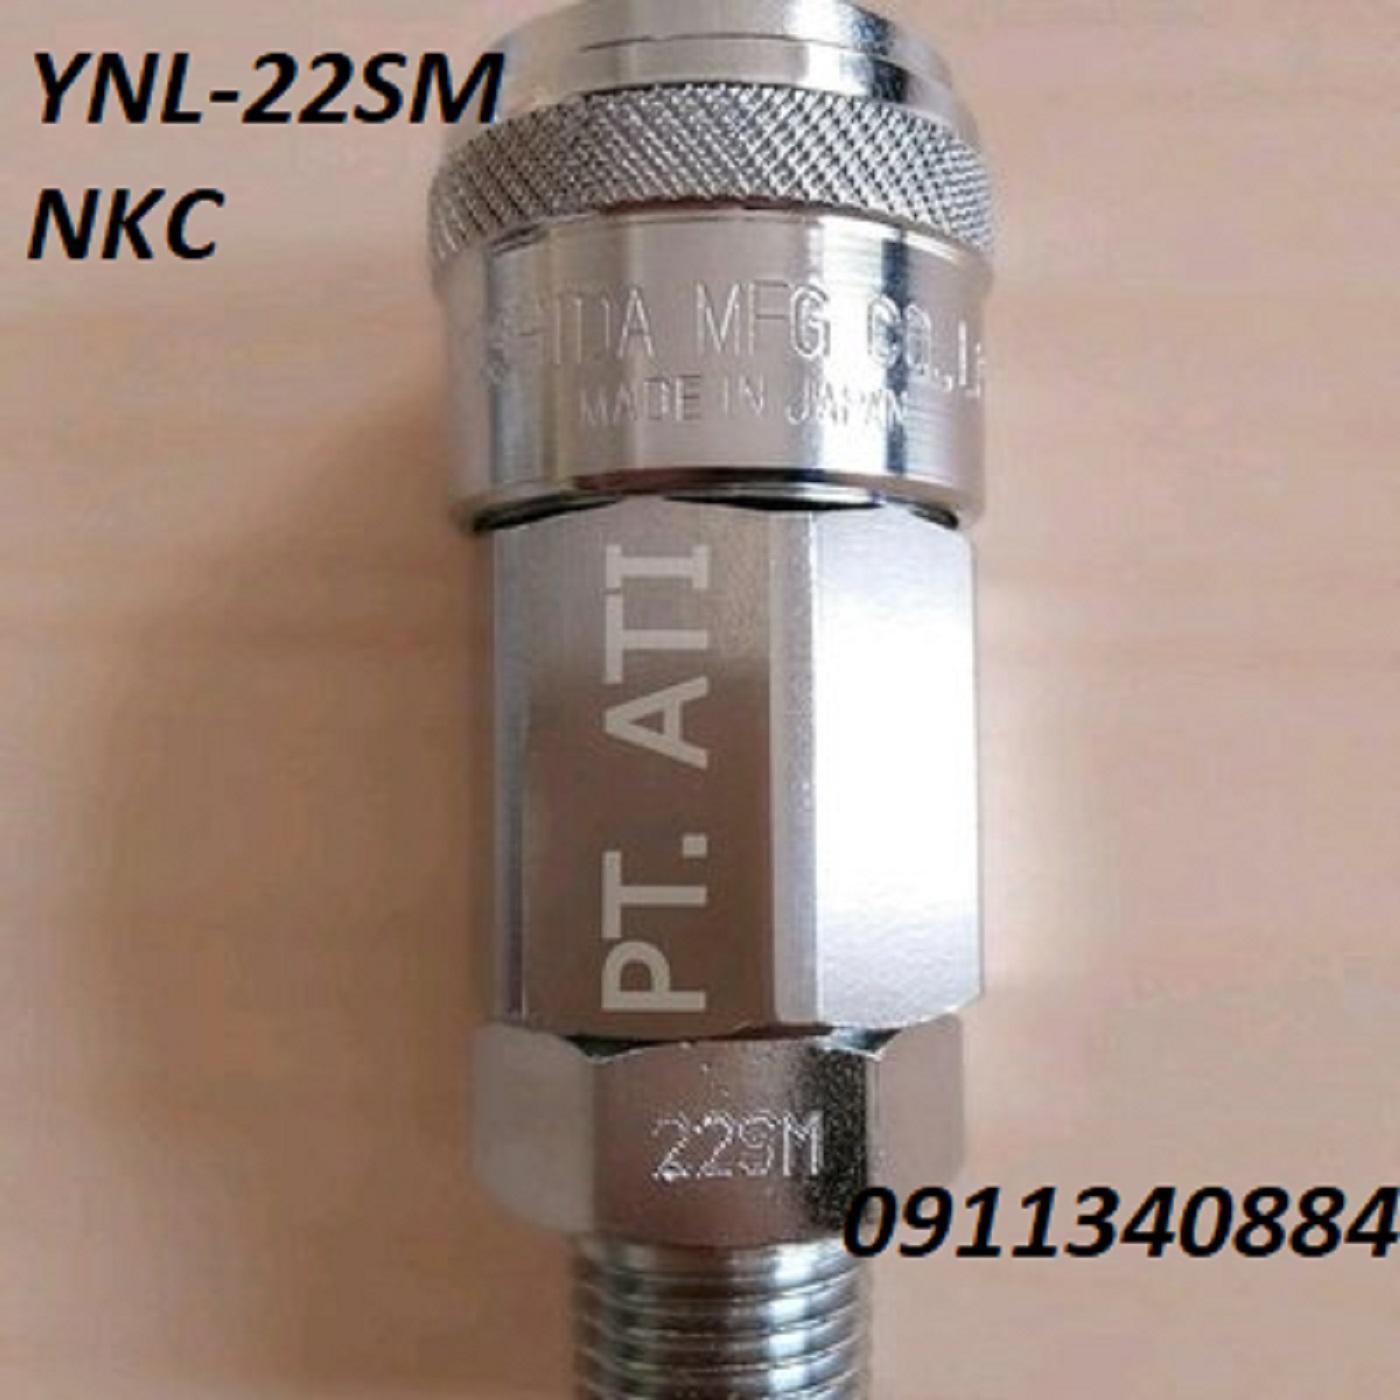 Khớp nối NKC dòng YNL-22SM/YNL-24SM-đầu nối khí nén-đầu nối nhanh thủy lực-đầu nối nhanh khí nén inox-đầu nối nhanh cao cấp-khớp nối nhanh